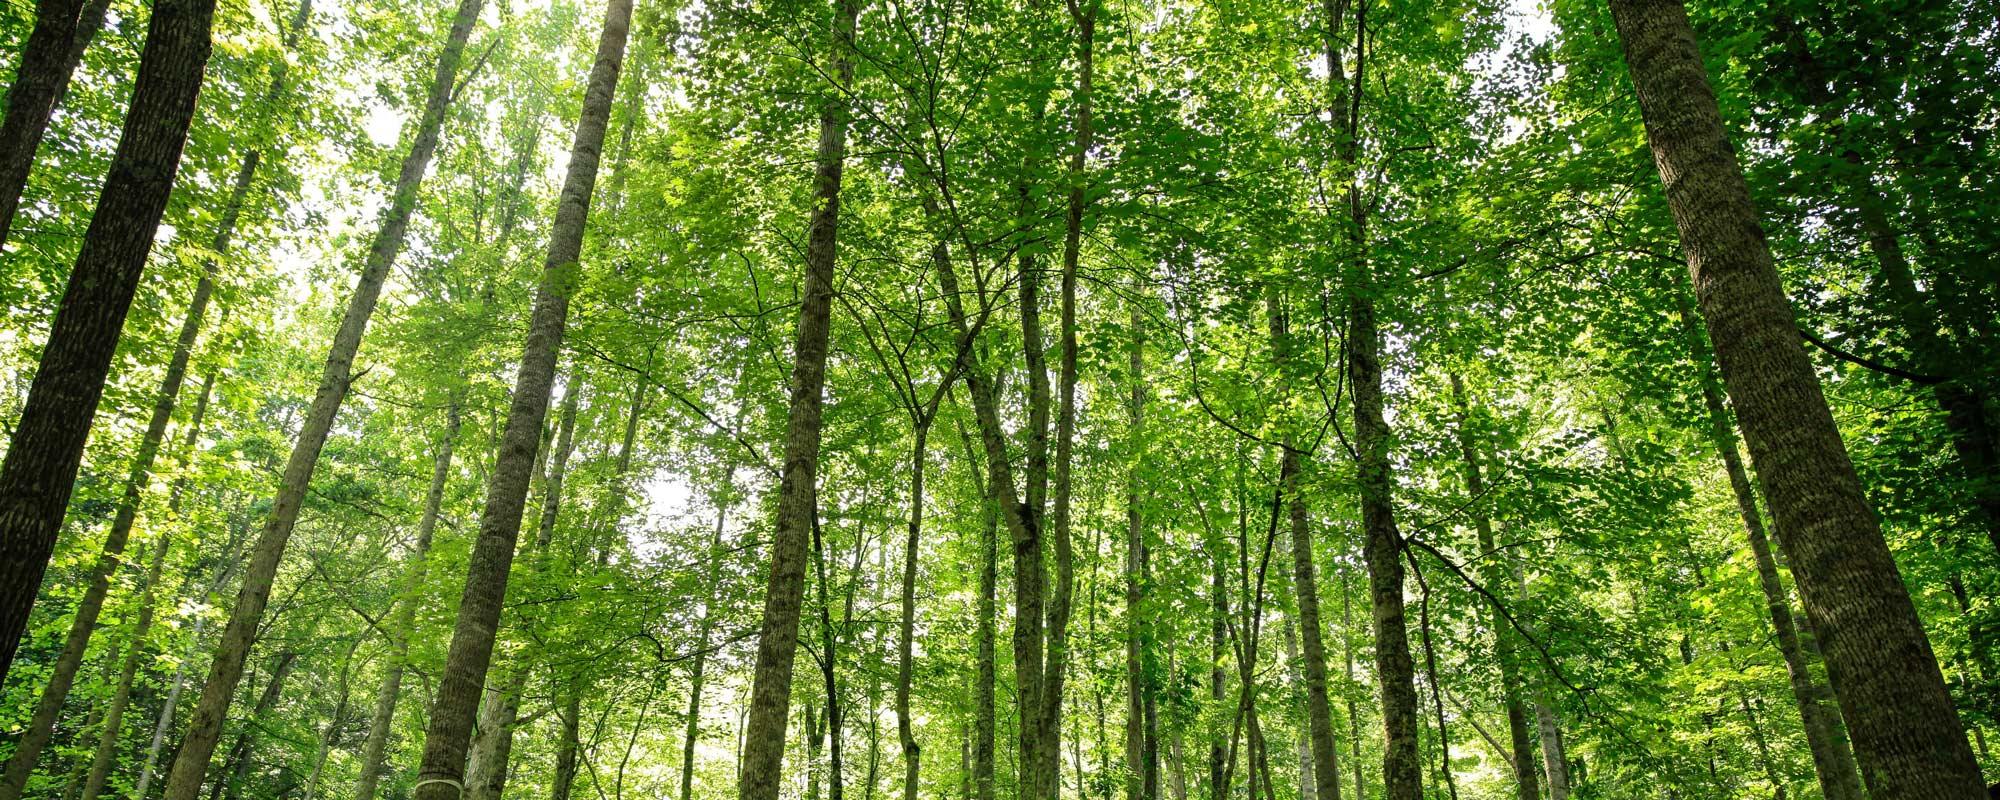 Forest at Wild Abundance